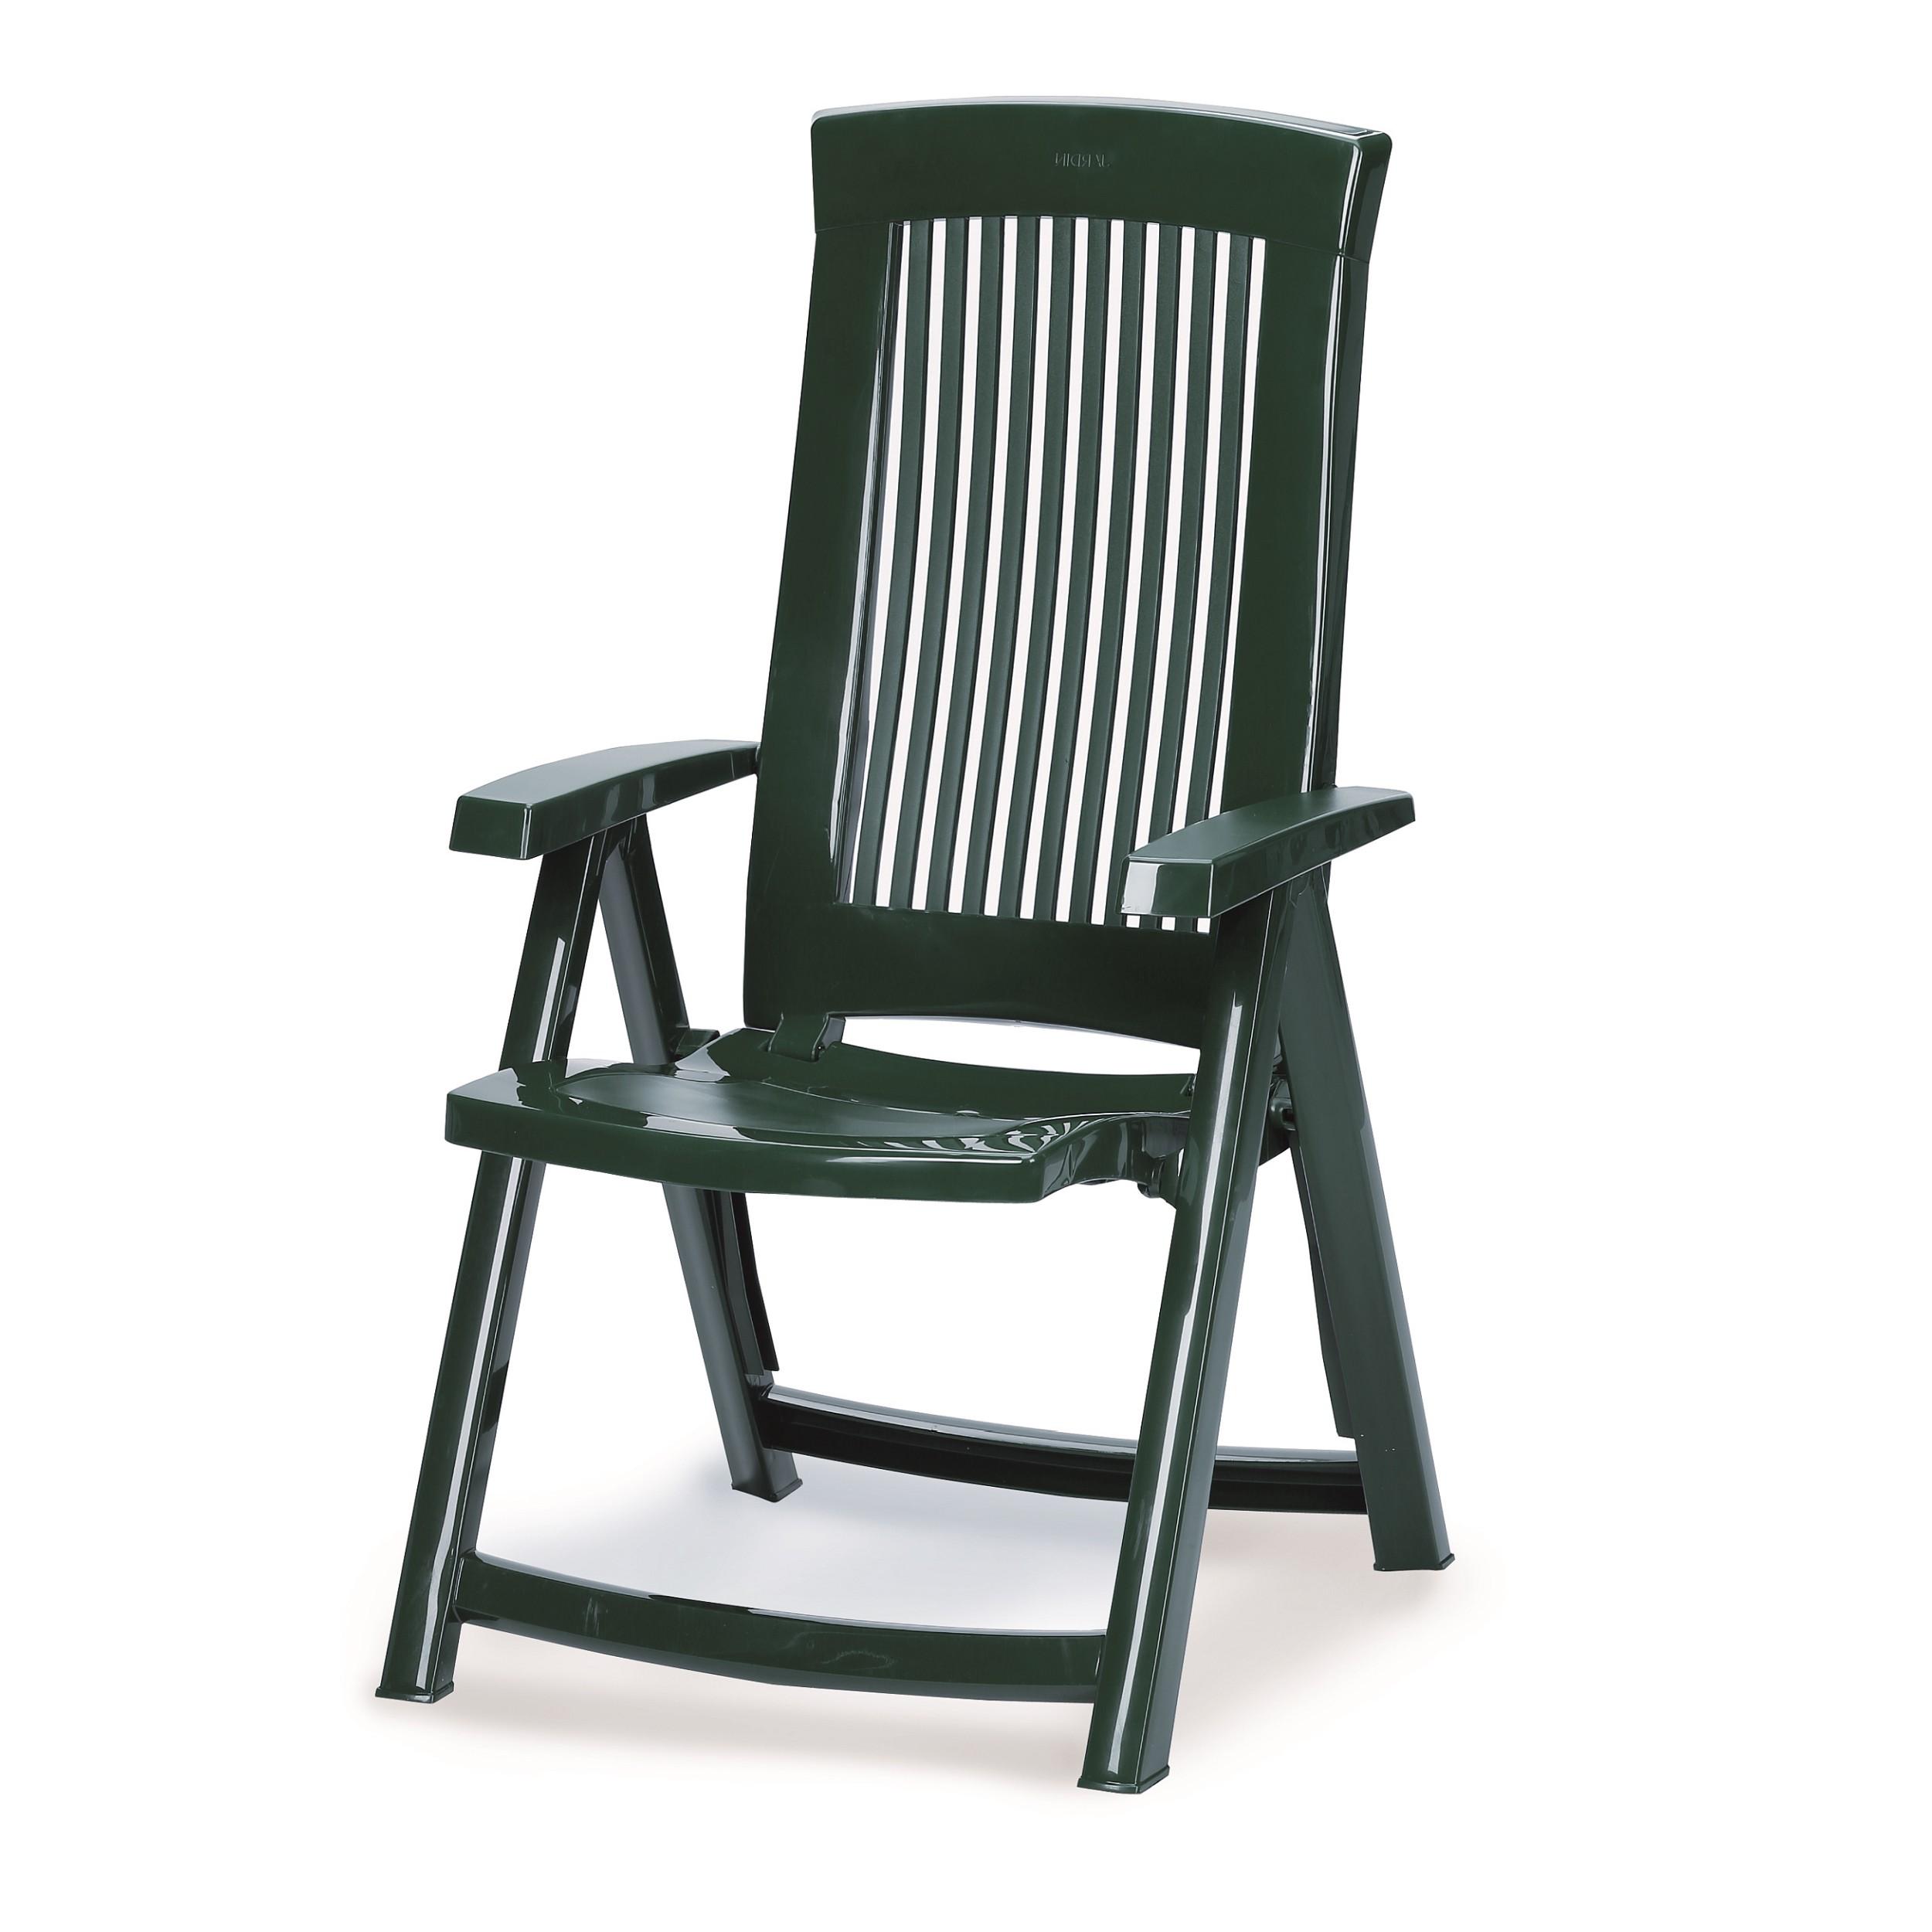 gartenstuhl kunststoff preisvergleich die besten angebote online kaufen. Black Bedroom Furniture Sets. Home Design Ideas